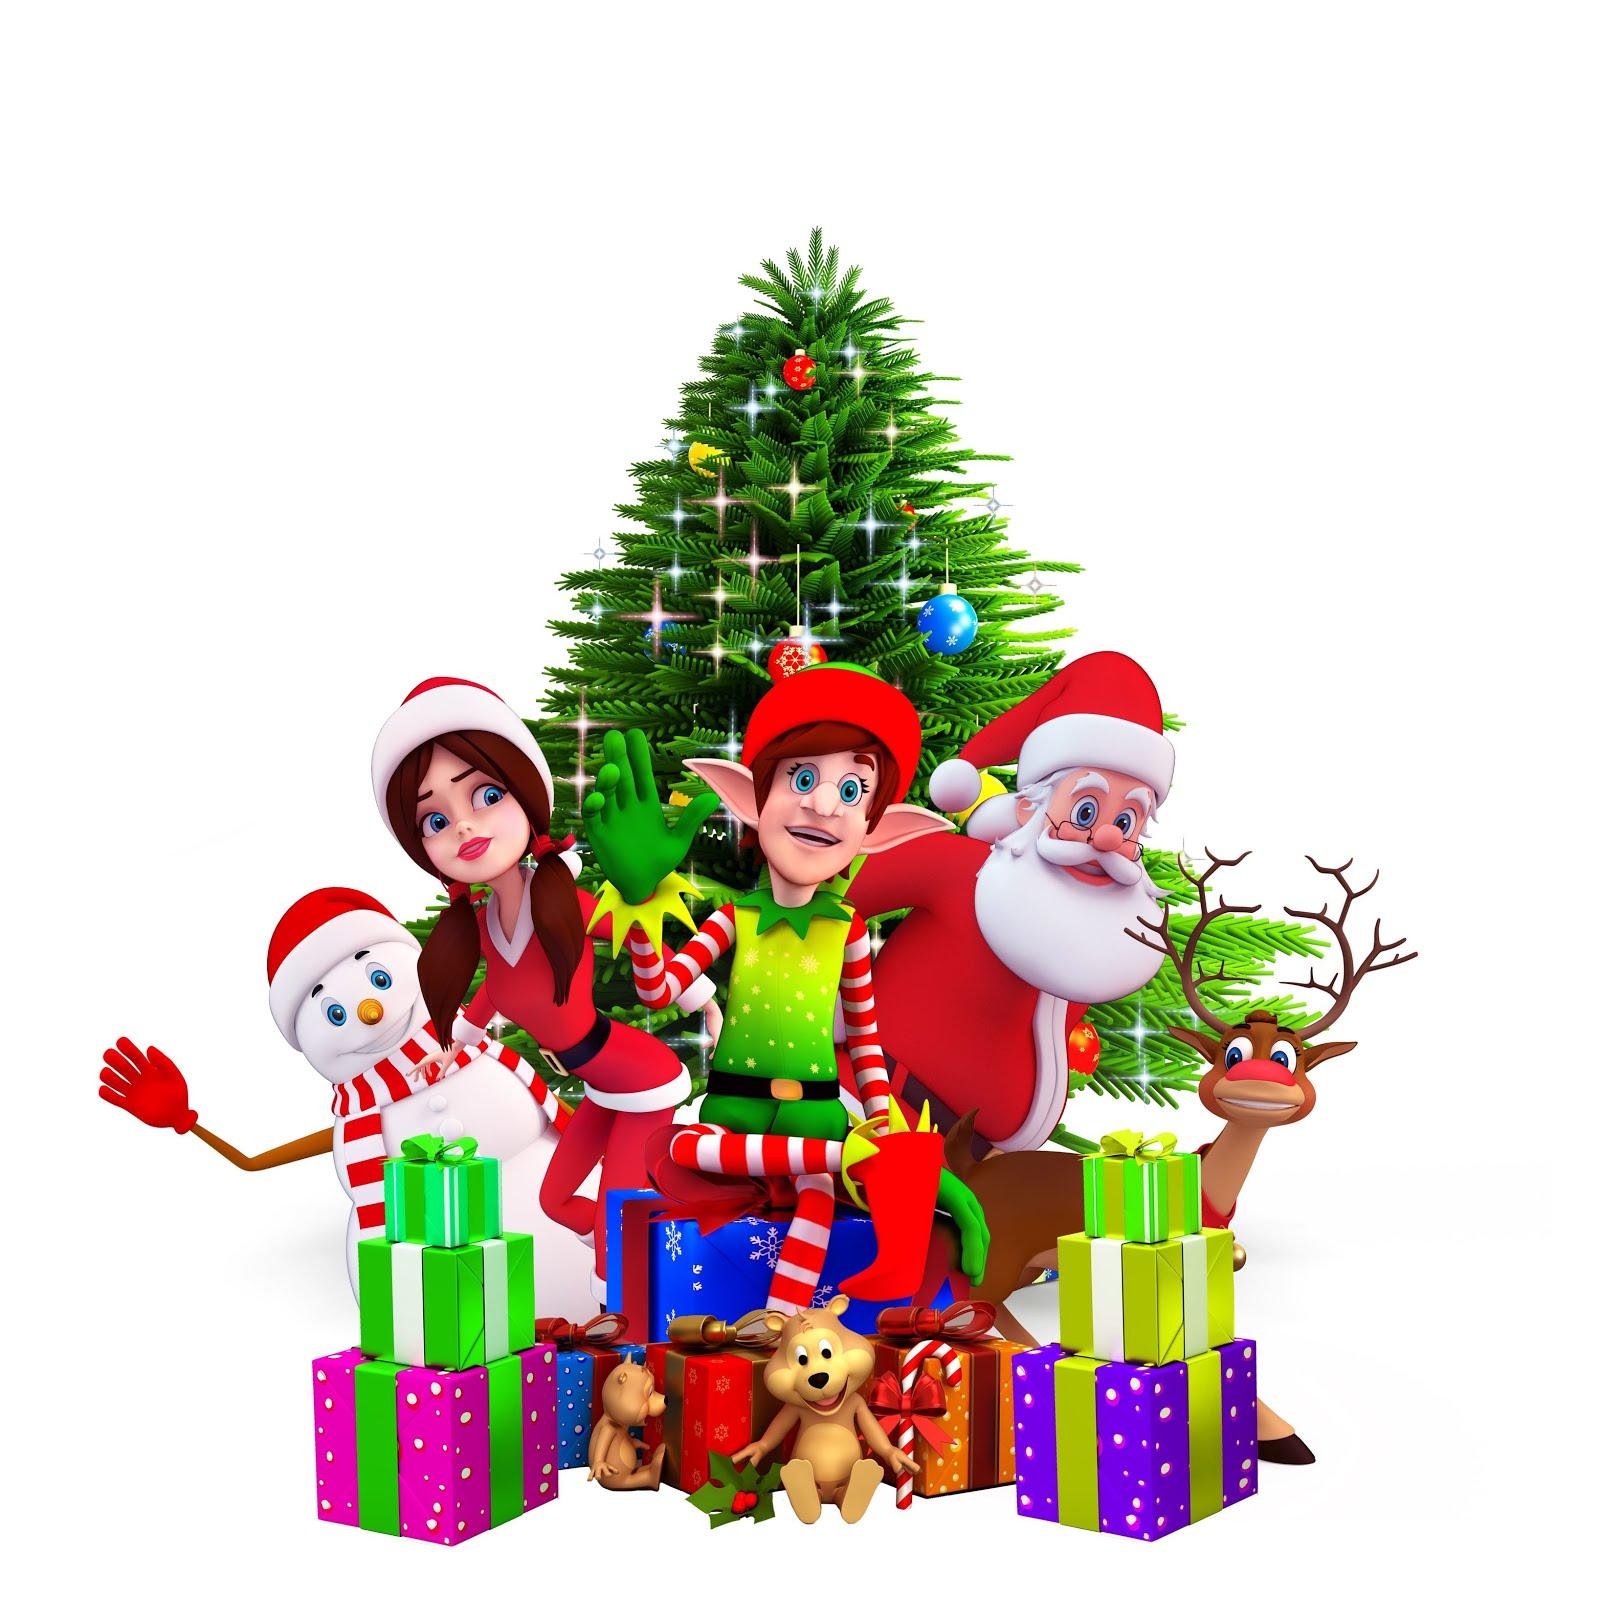 Banco de im genes pinito de navidad con personajes y for Ver figuras de navidad